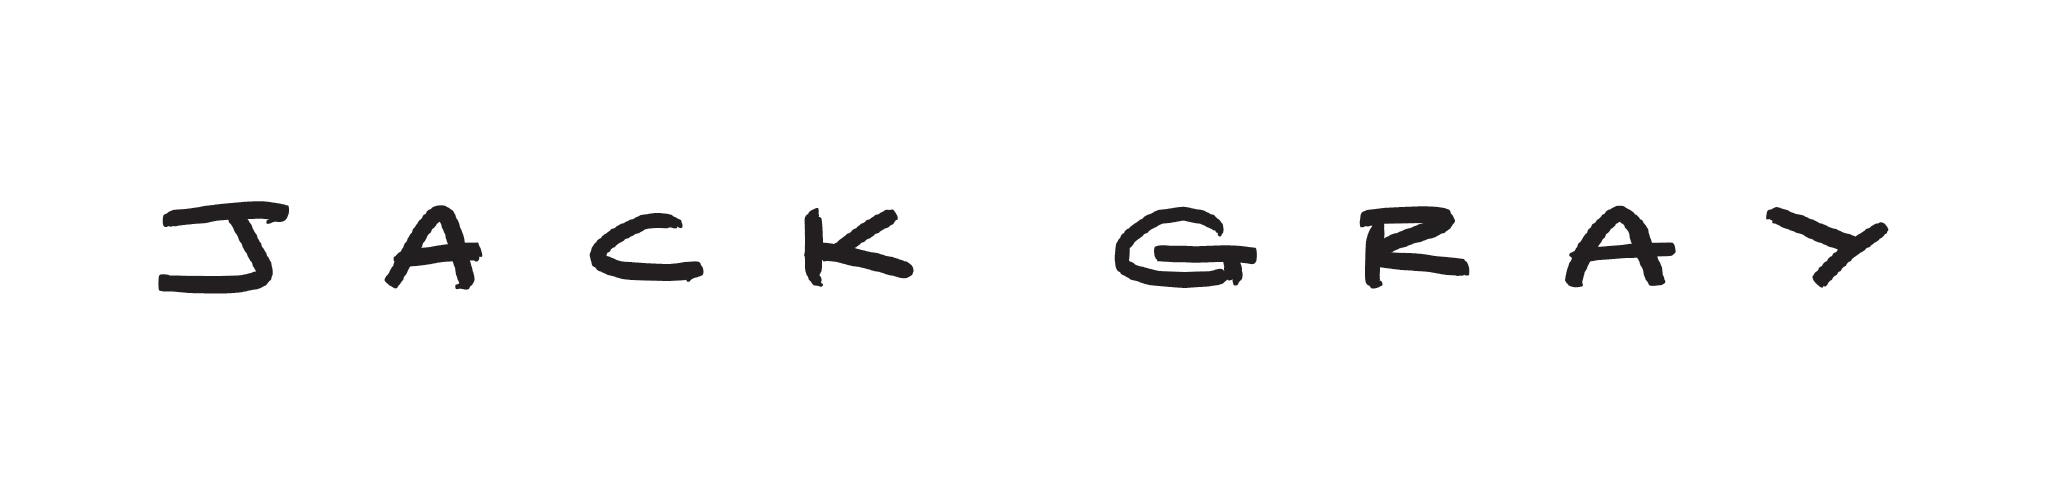 JackGray_Logo-02_preview.jpeg